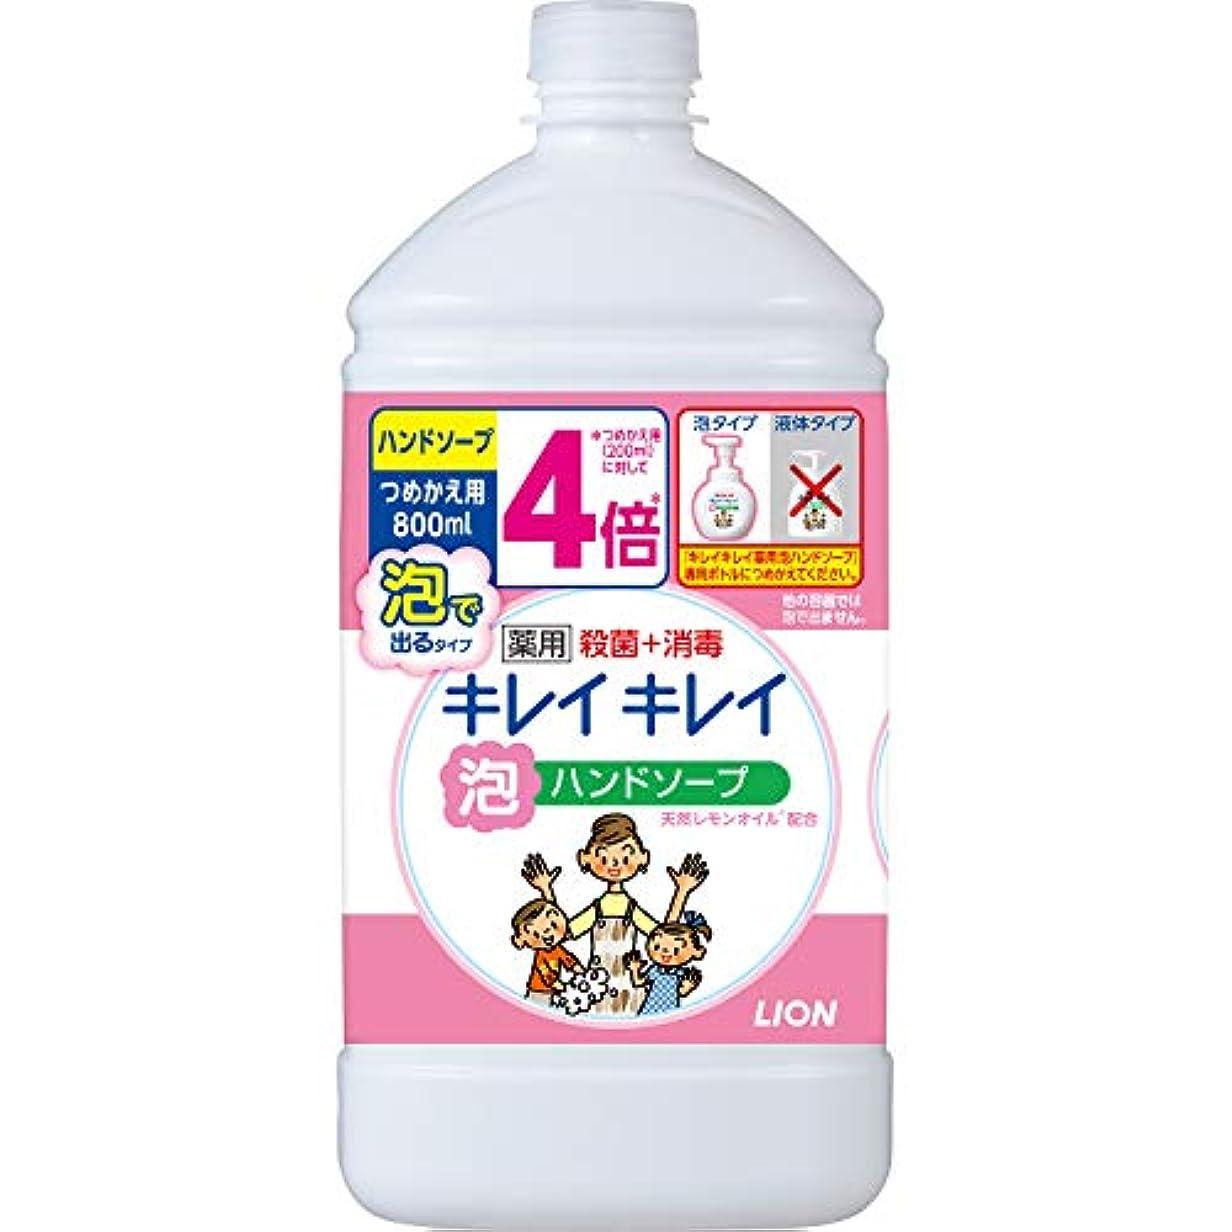 理由ほこり散る(医薬部外品)【大容量】キレイキレイ 薬用 泡ハンドソープ シトラスフルーティの香り 詰替特大 800ml